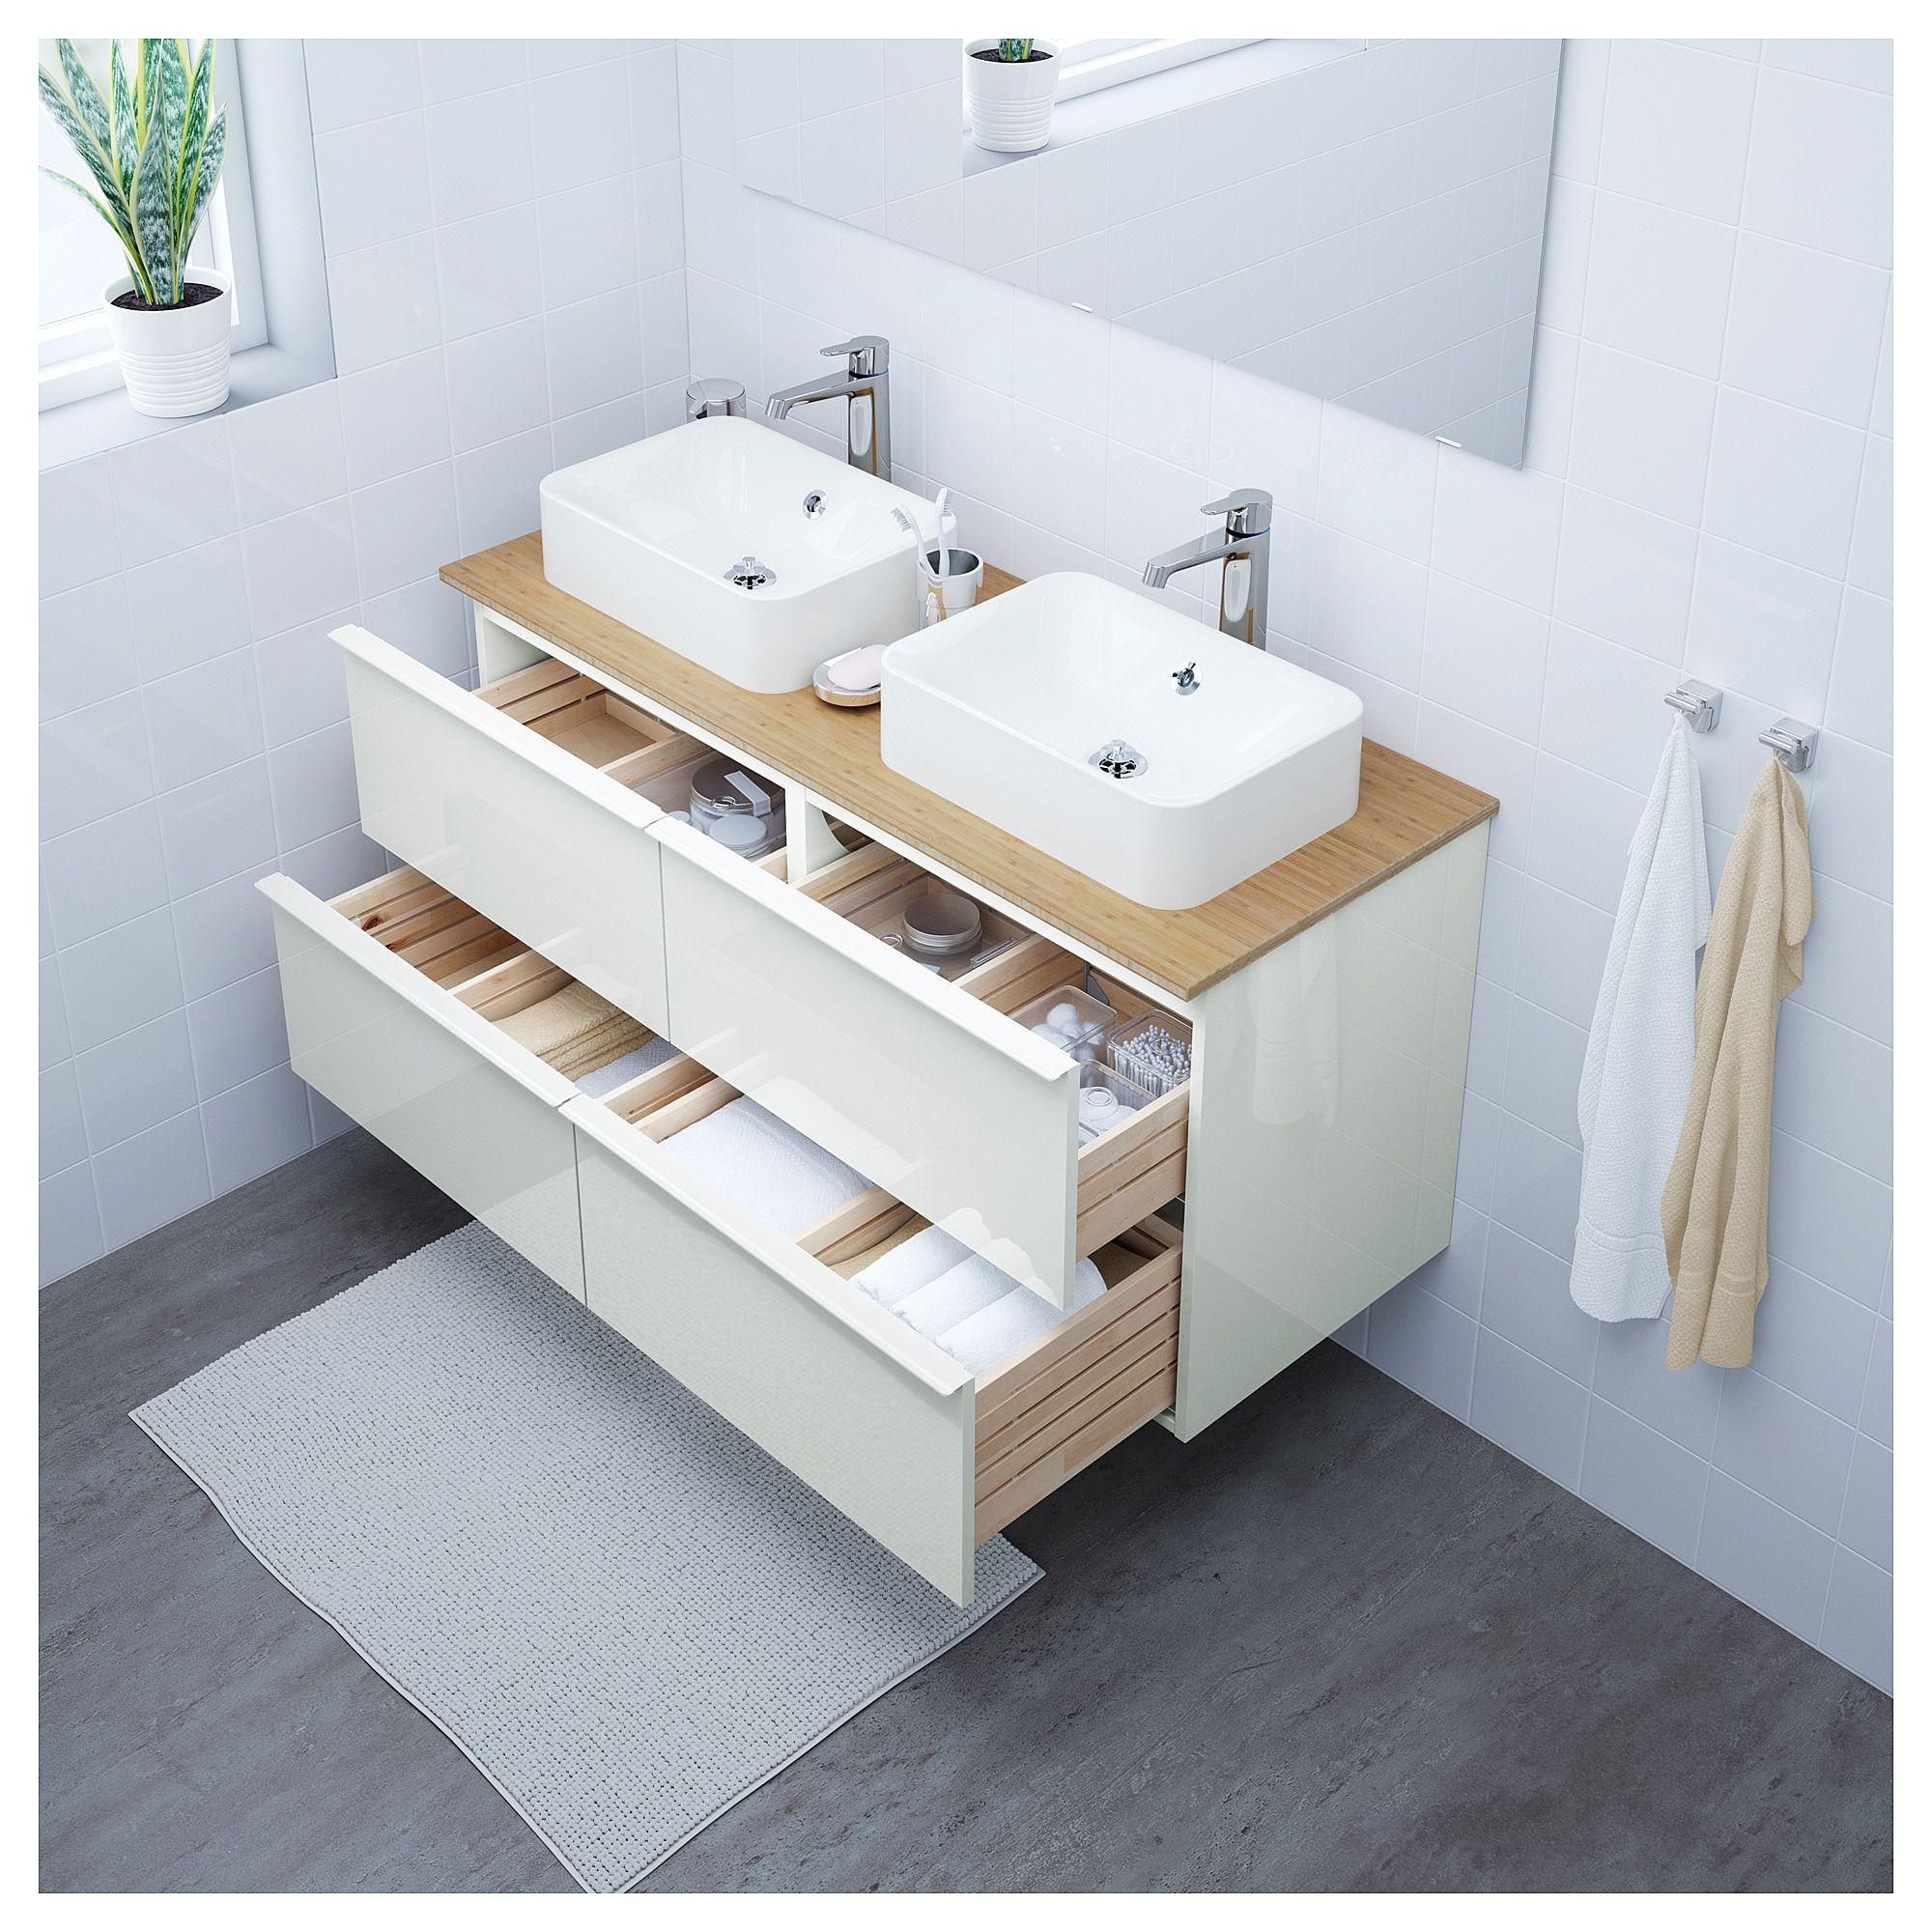 Mobel Einrichtungsideen Fur Dein Zuhause Ikea Godmorgon Badezimmerwaschtisch Mischbatterien